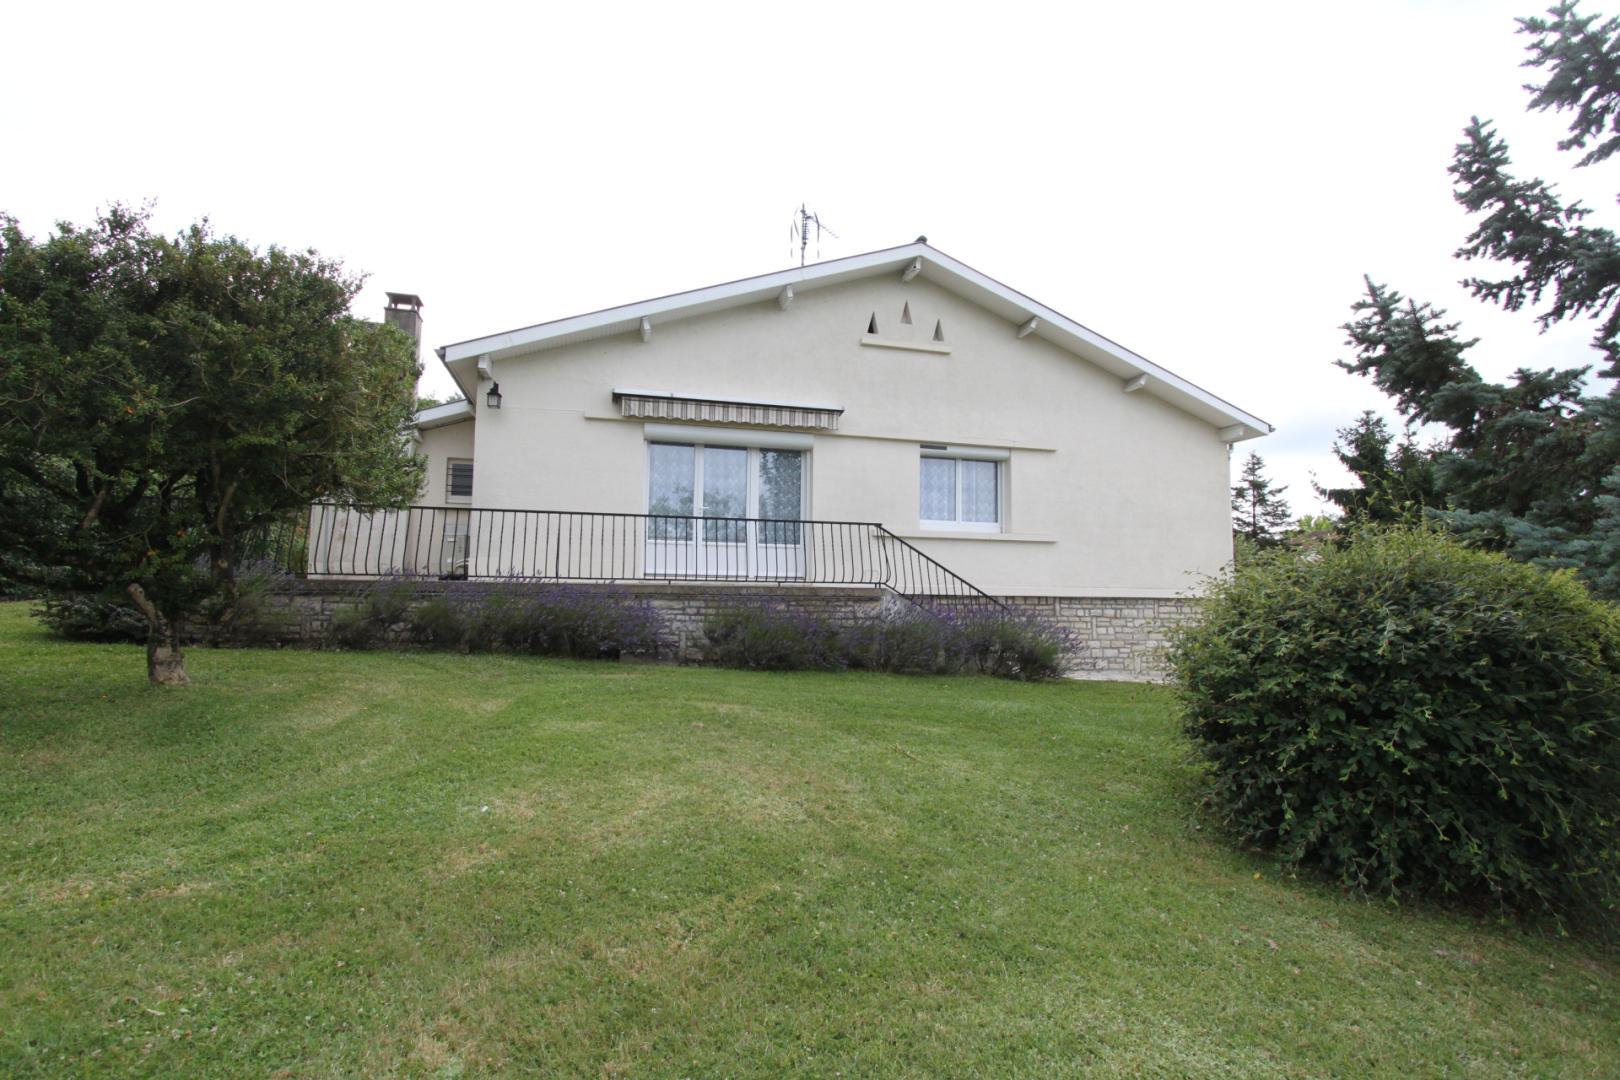 EXCLUSIVITE GOURDON - Agréable et fonctionnelle Maison de plain-pied sur 1506 m² arborés et clos avec garage proche commerces